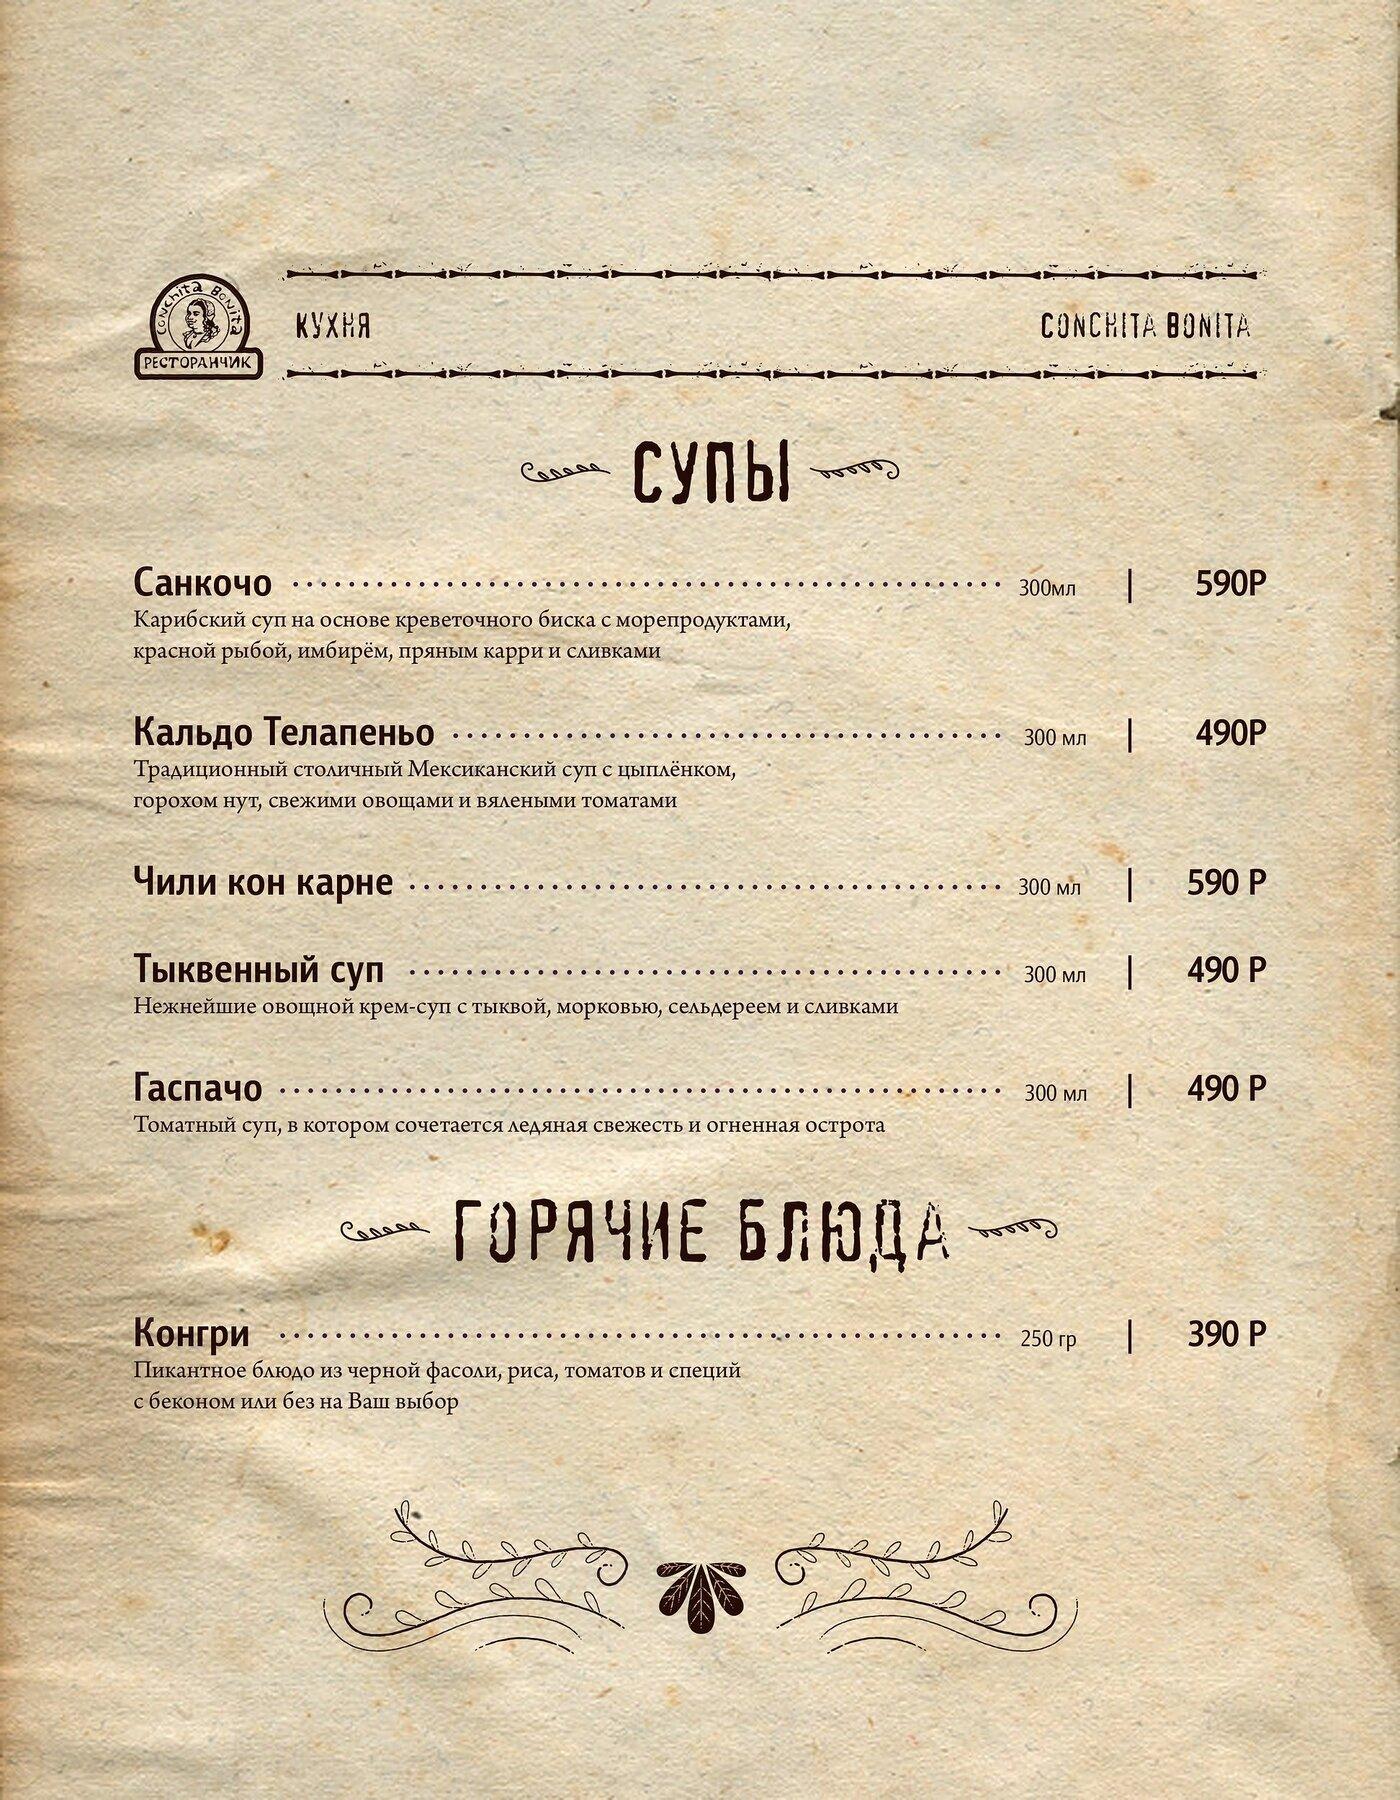 Меню ресторана Кончита Бонита (Conchita Bonita) на Гороховой улице фото 4